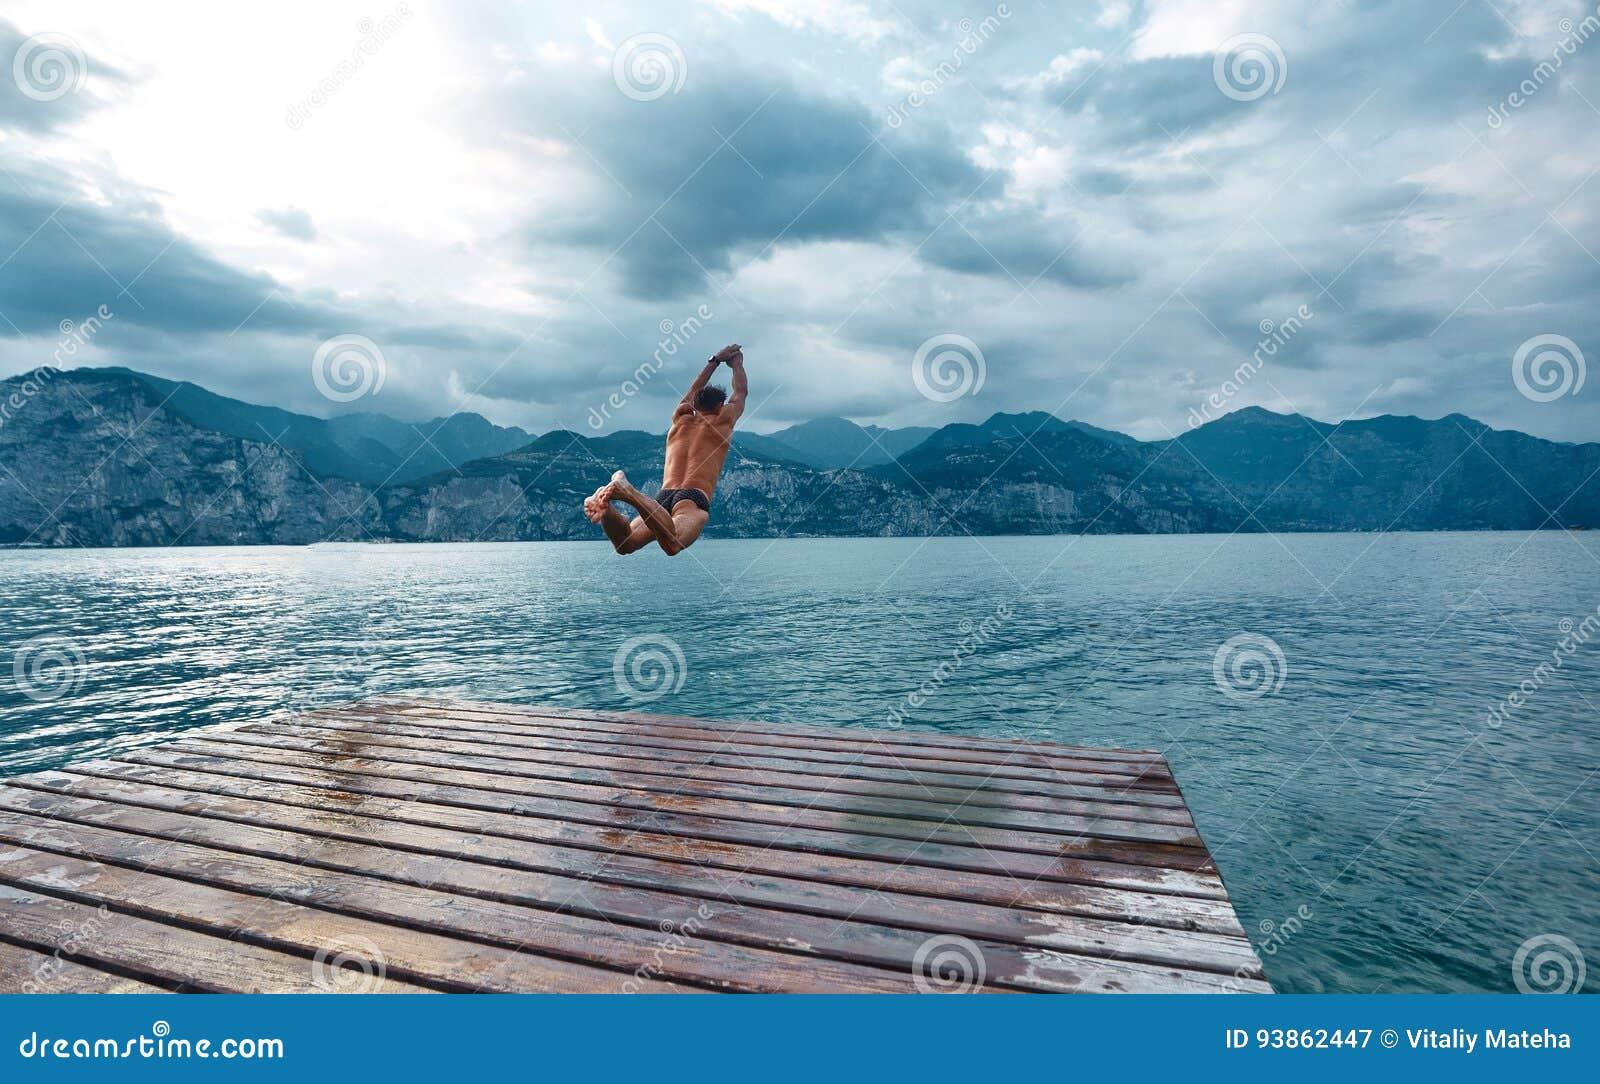 Equipe o salto na água do cais